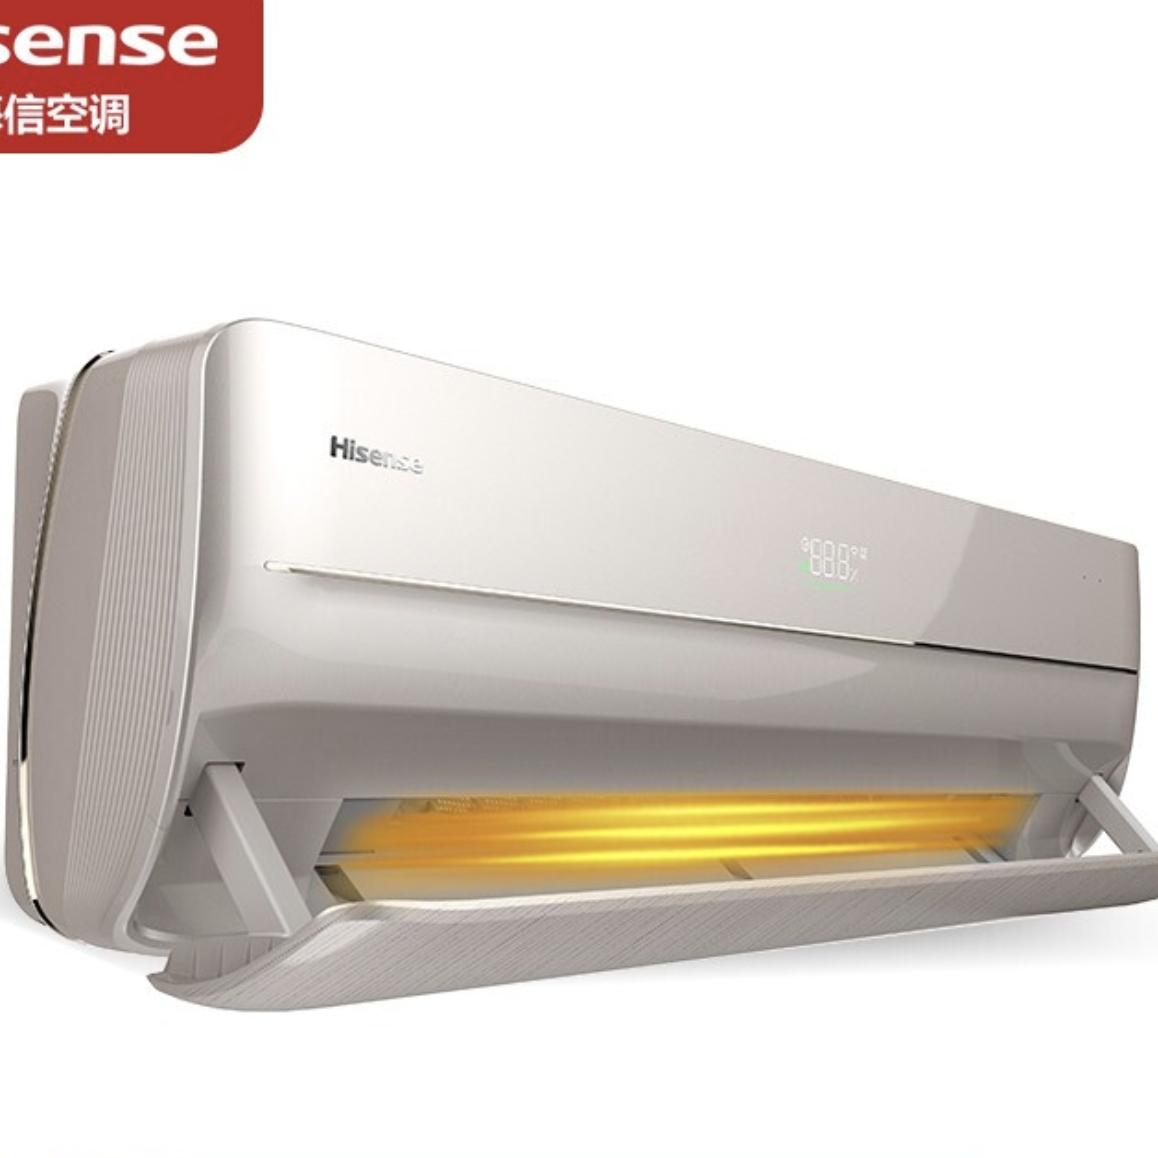 Hisense 海信   KFR-35GW/X710X-X1 壁挂式空调 1.5匹